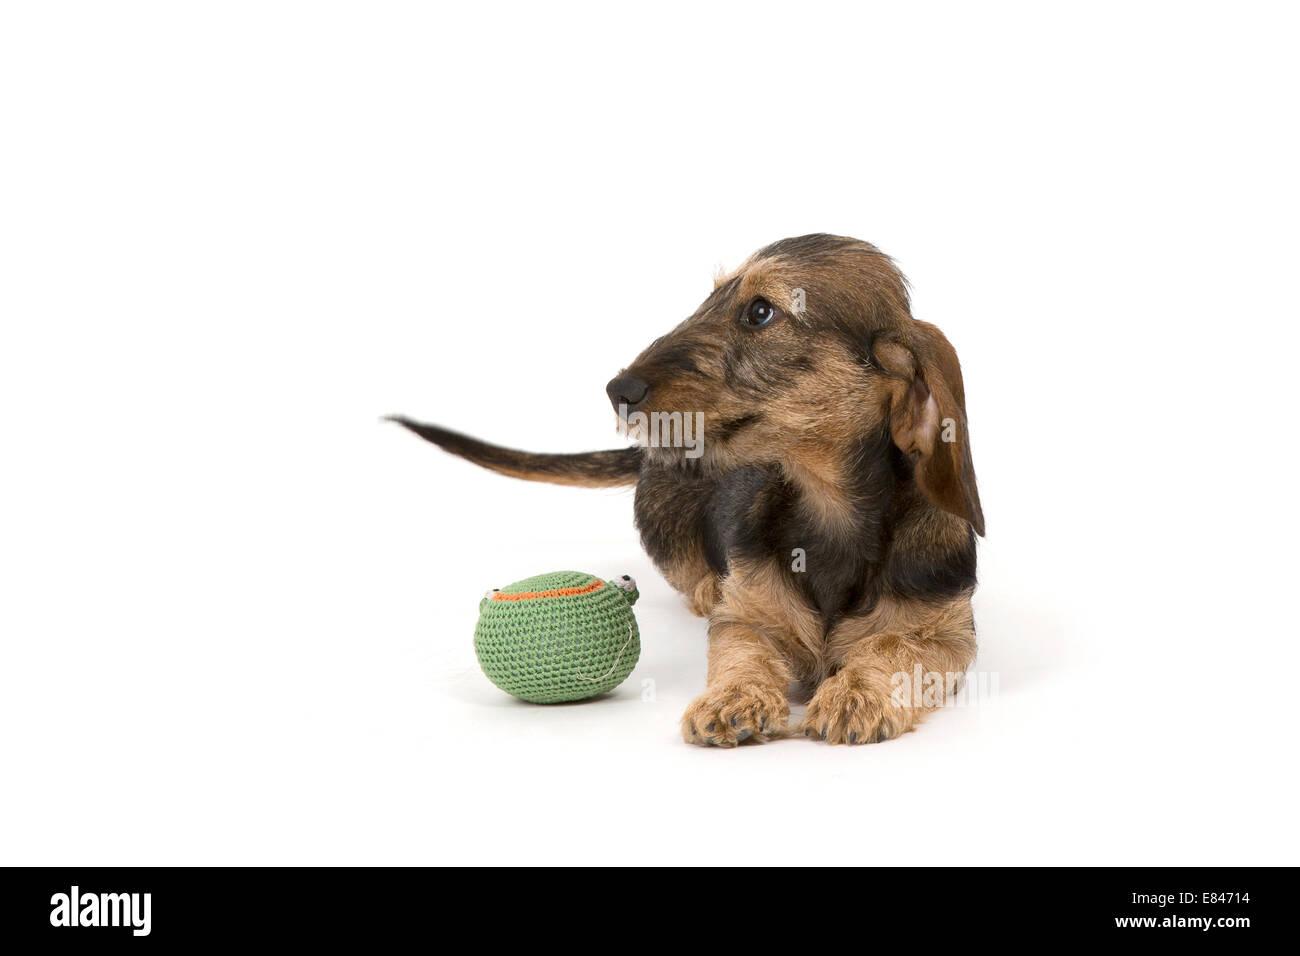 Weenie Dog Stock Photos & Weenie Dog Stock Images - Alamy